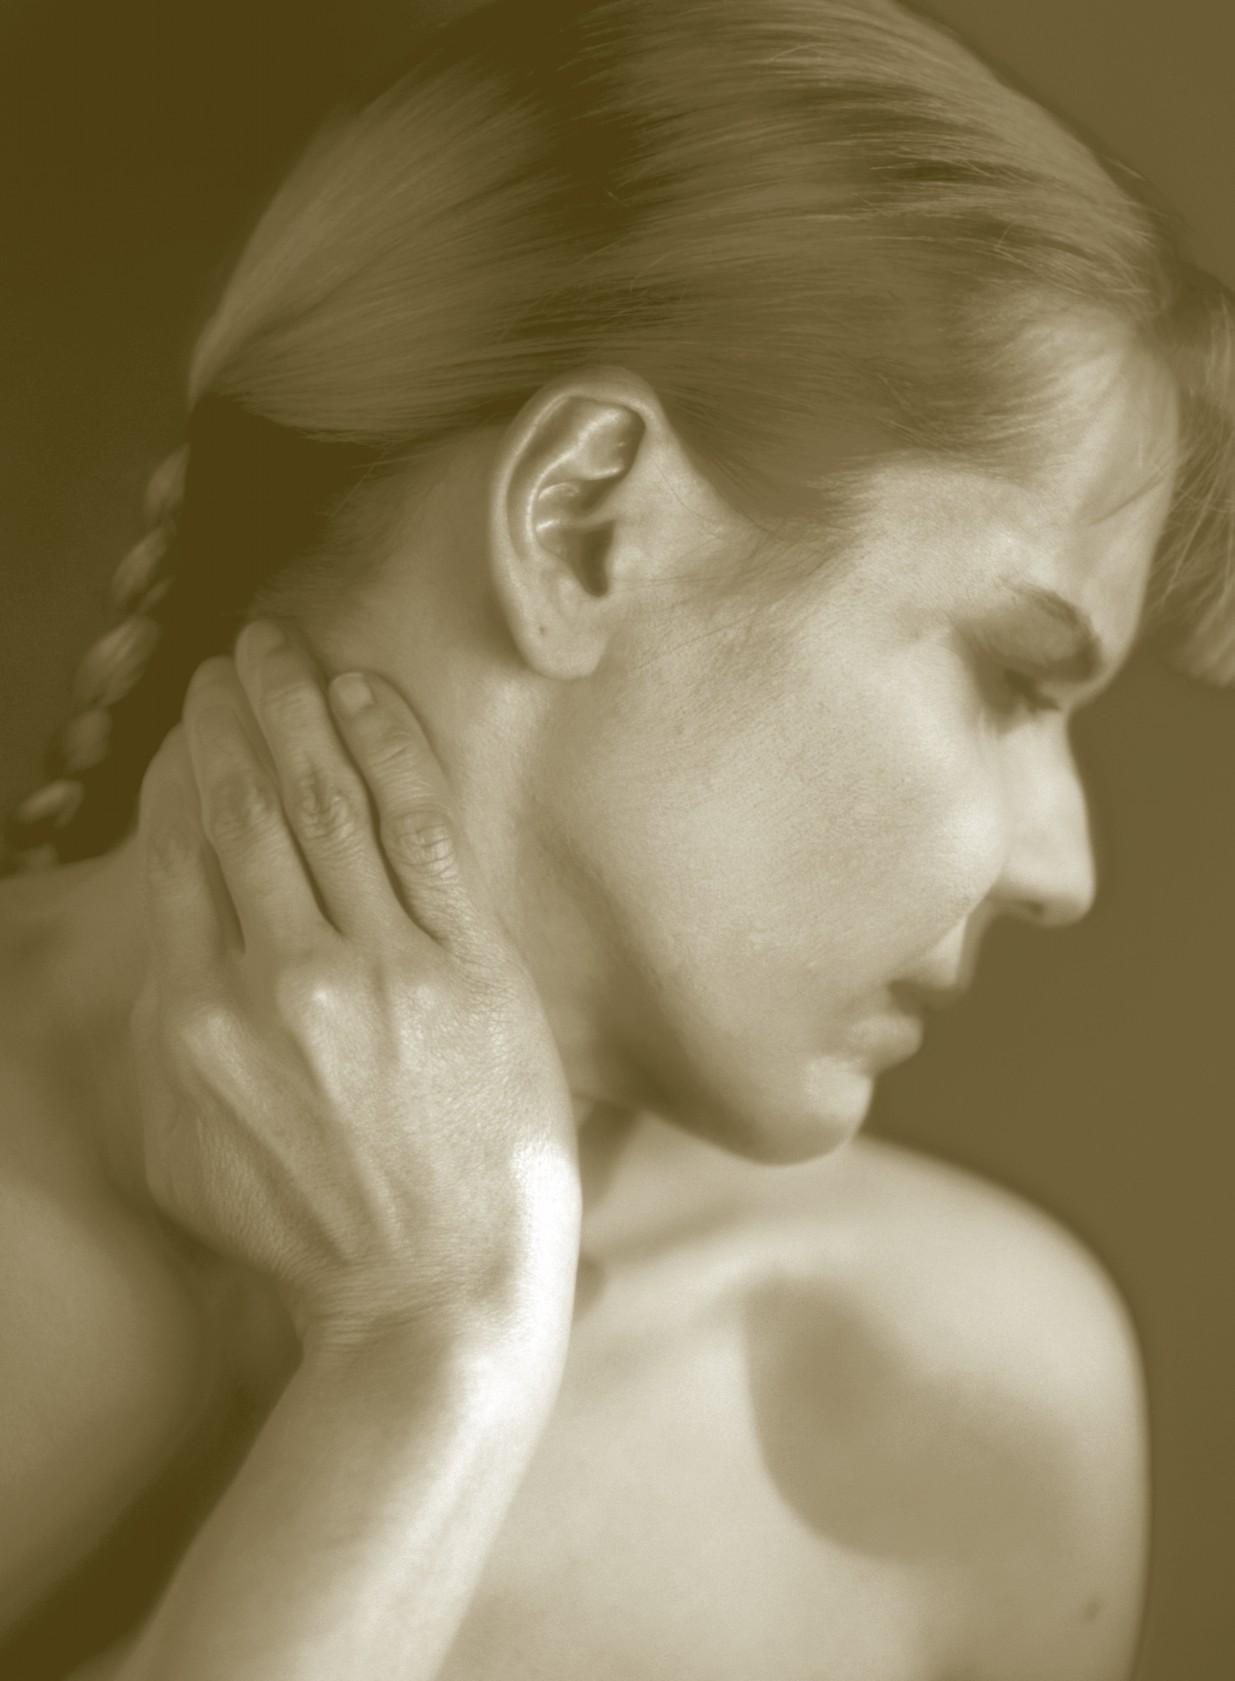 Аконит эффективное лечение рака или опасный яд - Победи Рак